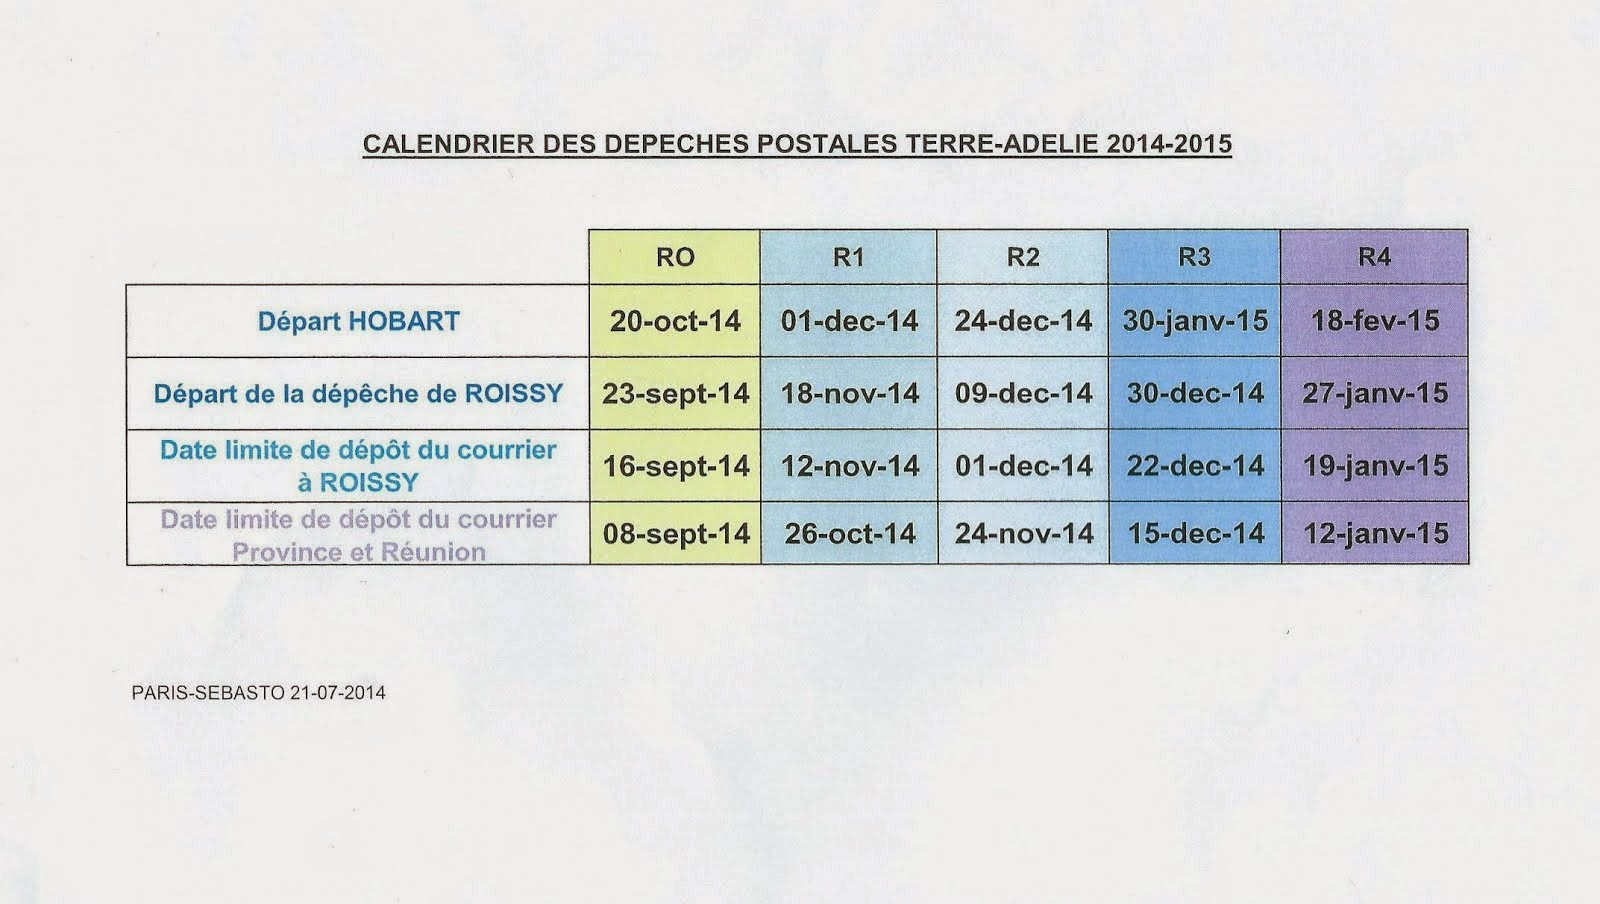 Calendrier des dépêches postales 2014/2015